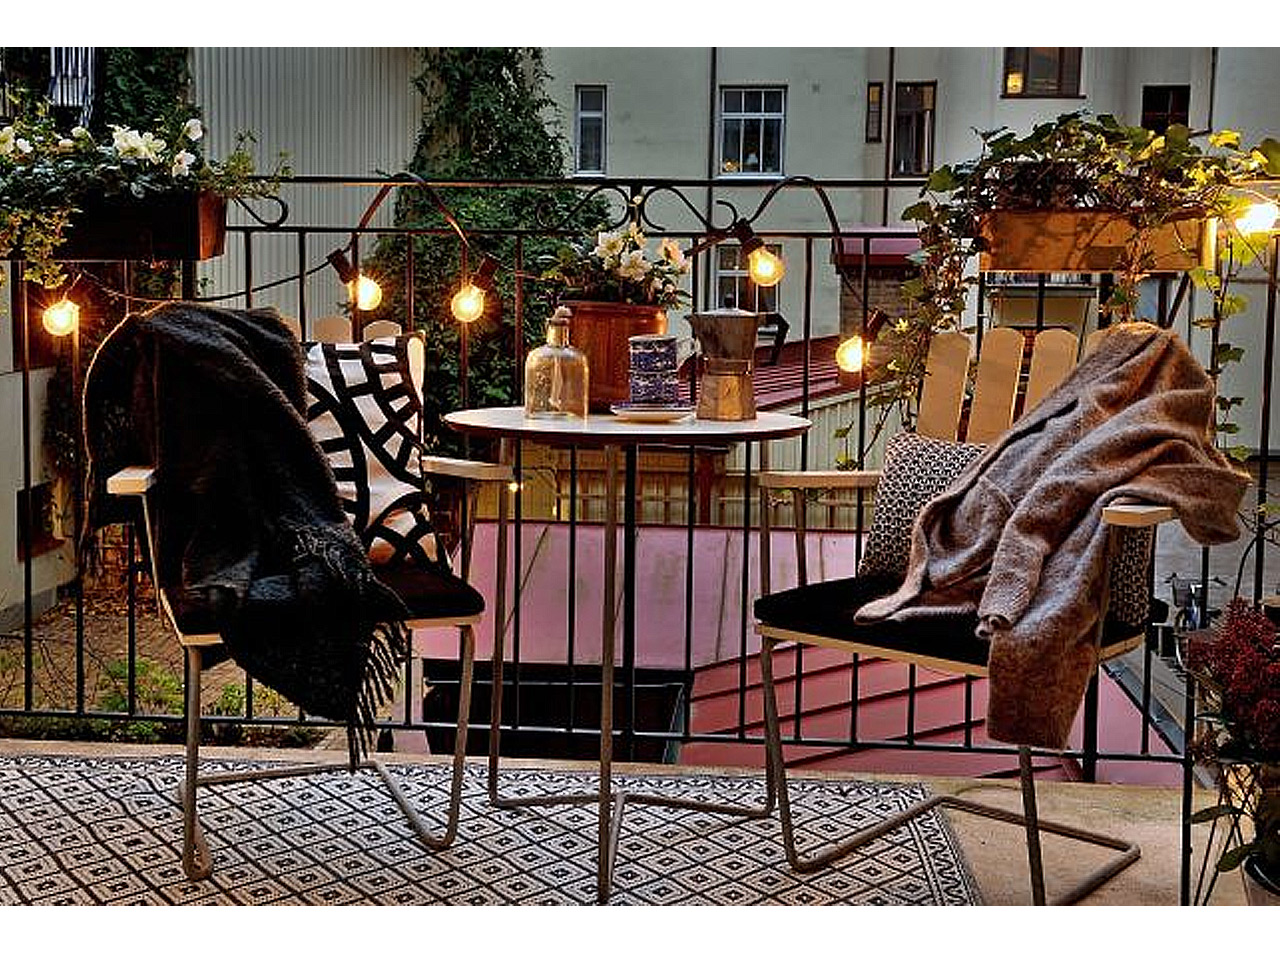 iluminiacin para decorar terrazas con encanto